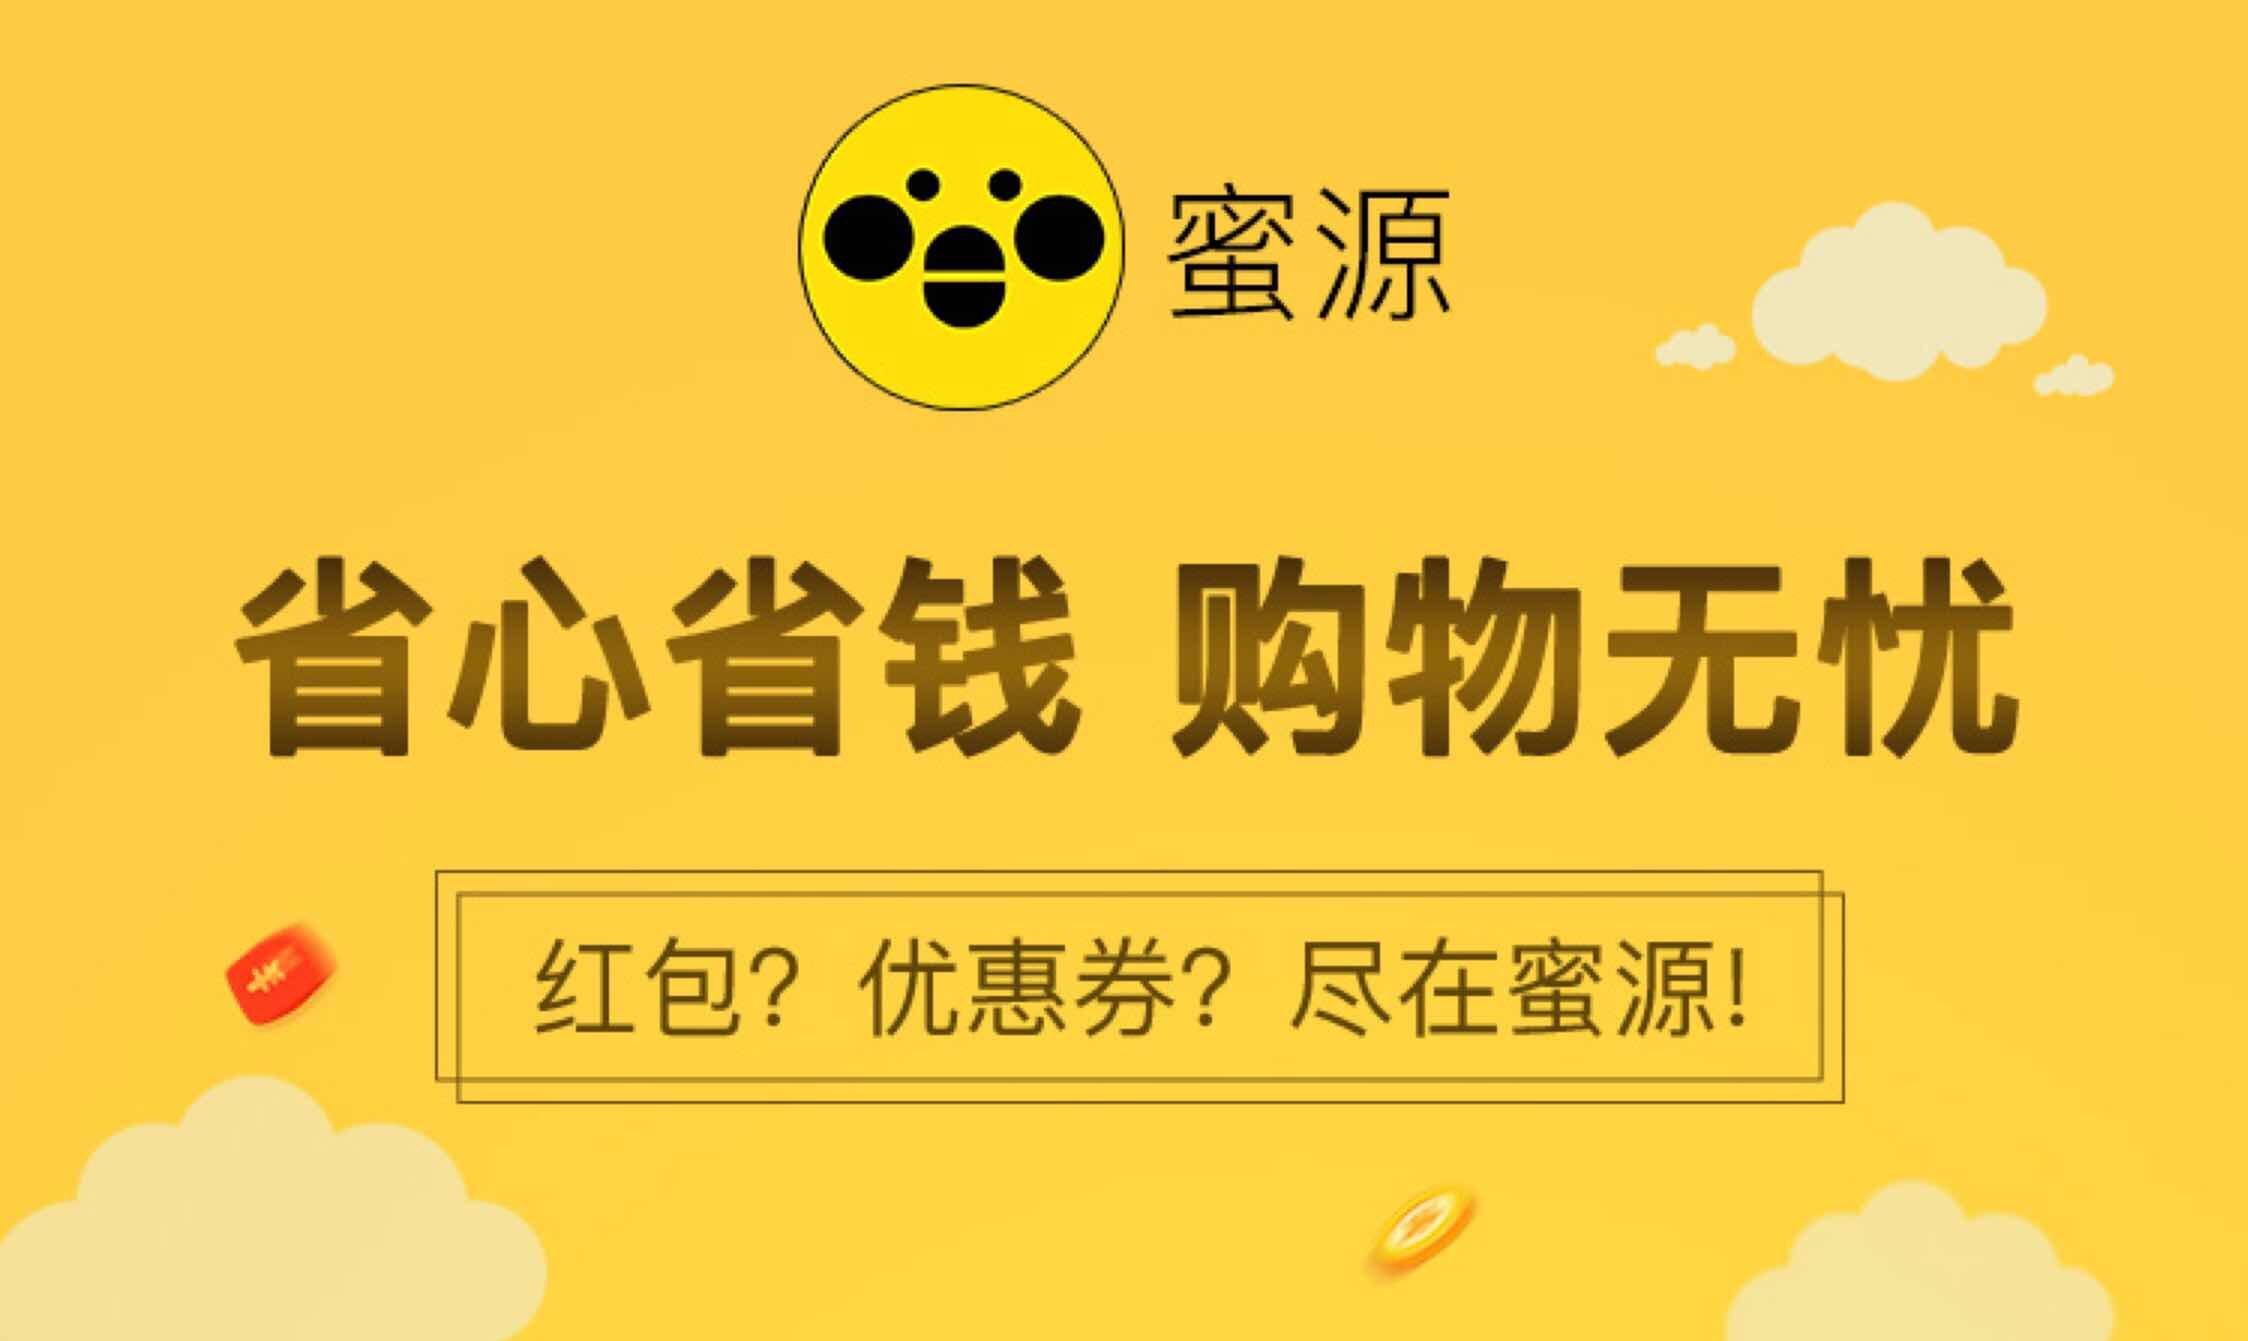 蜜源官方邀请码:4EJvGr,填写自动升级VIP